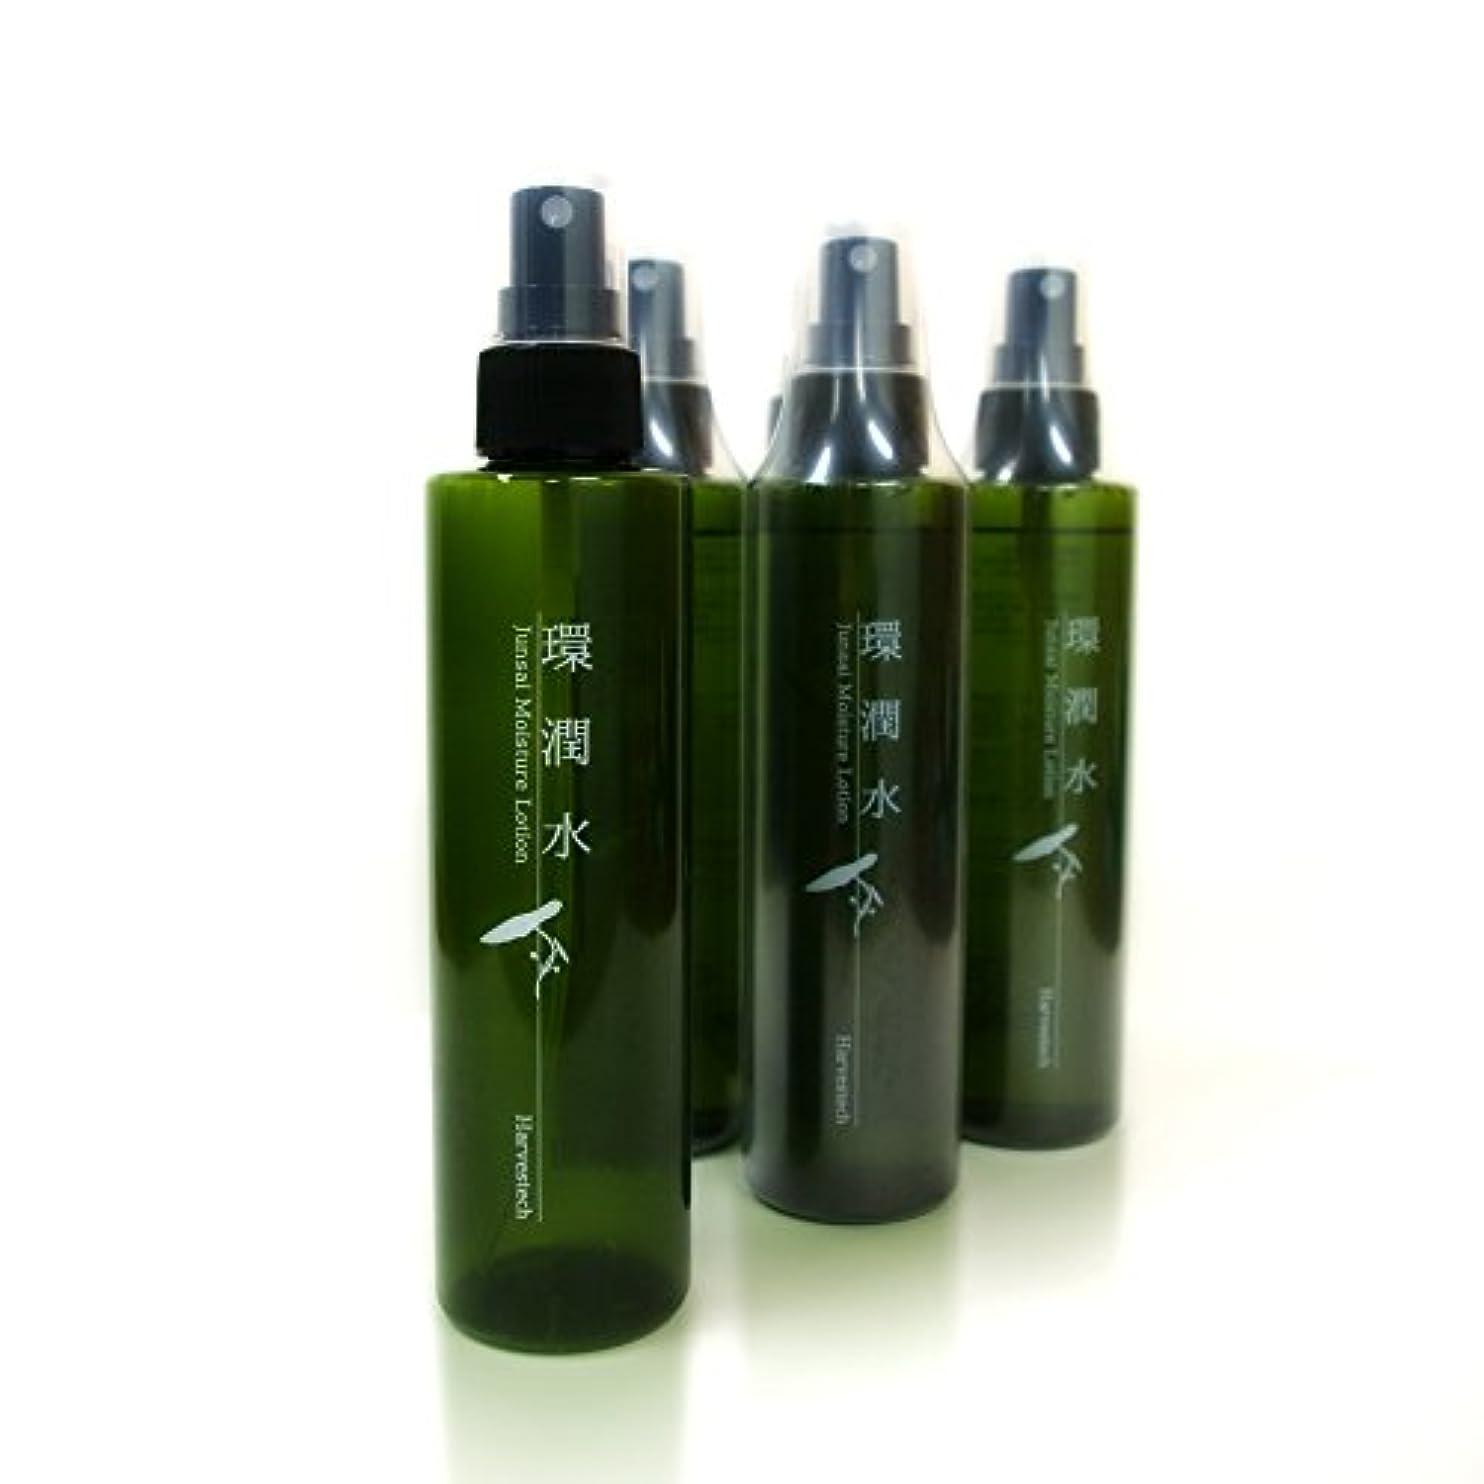 環境征服観点じゅんさい化粧水「環潤水」 日本製